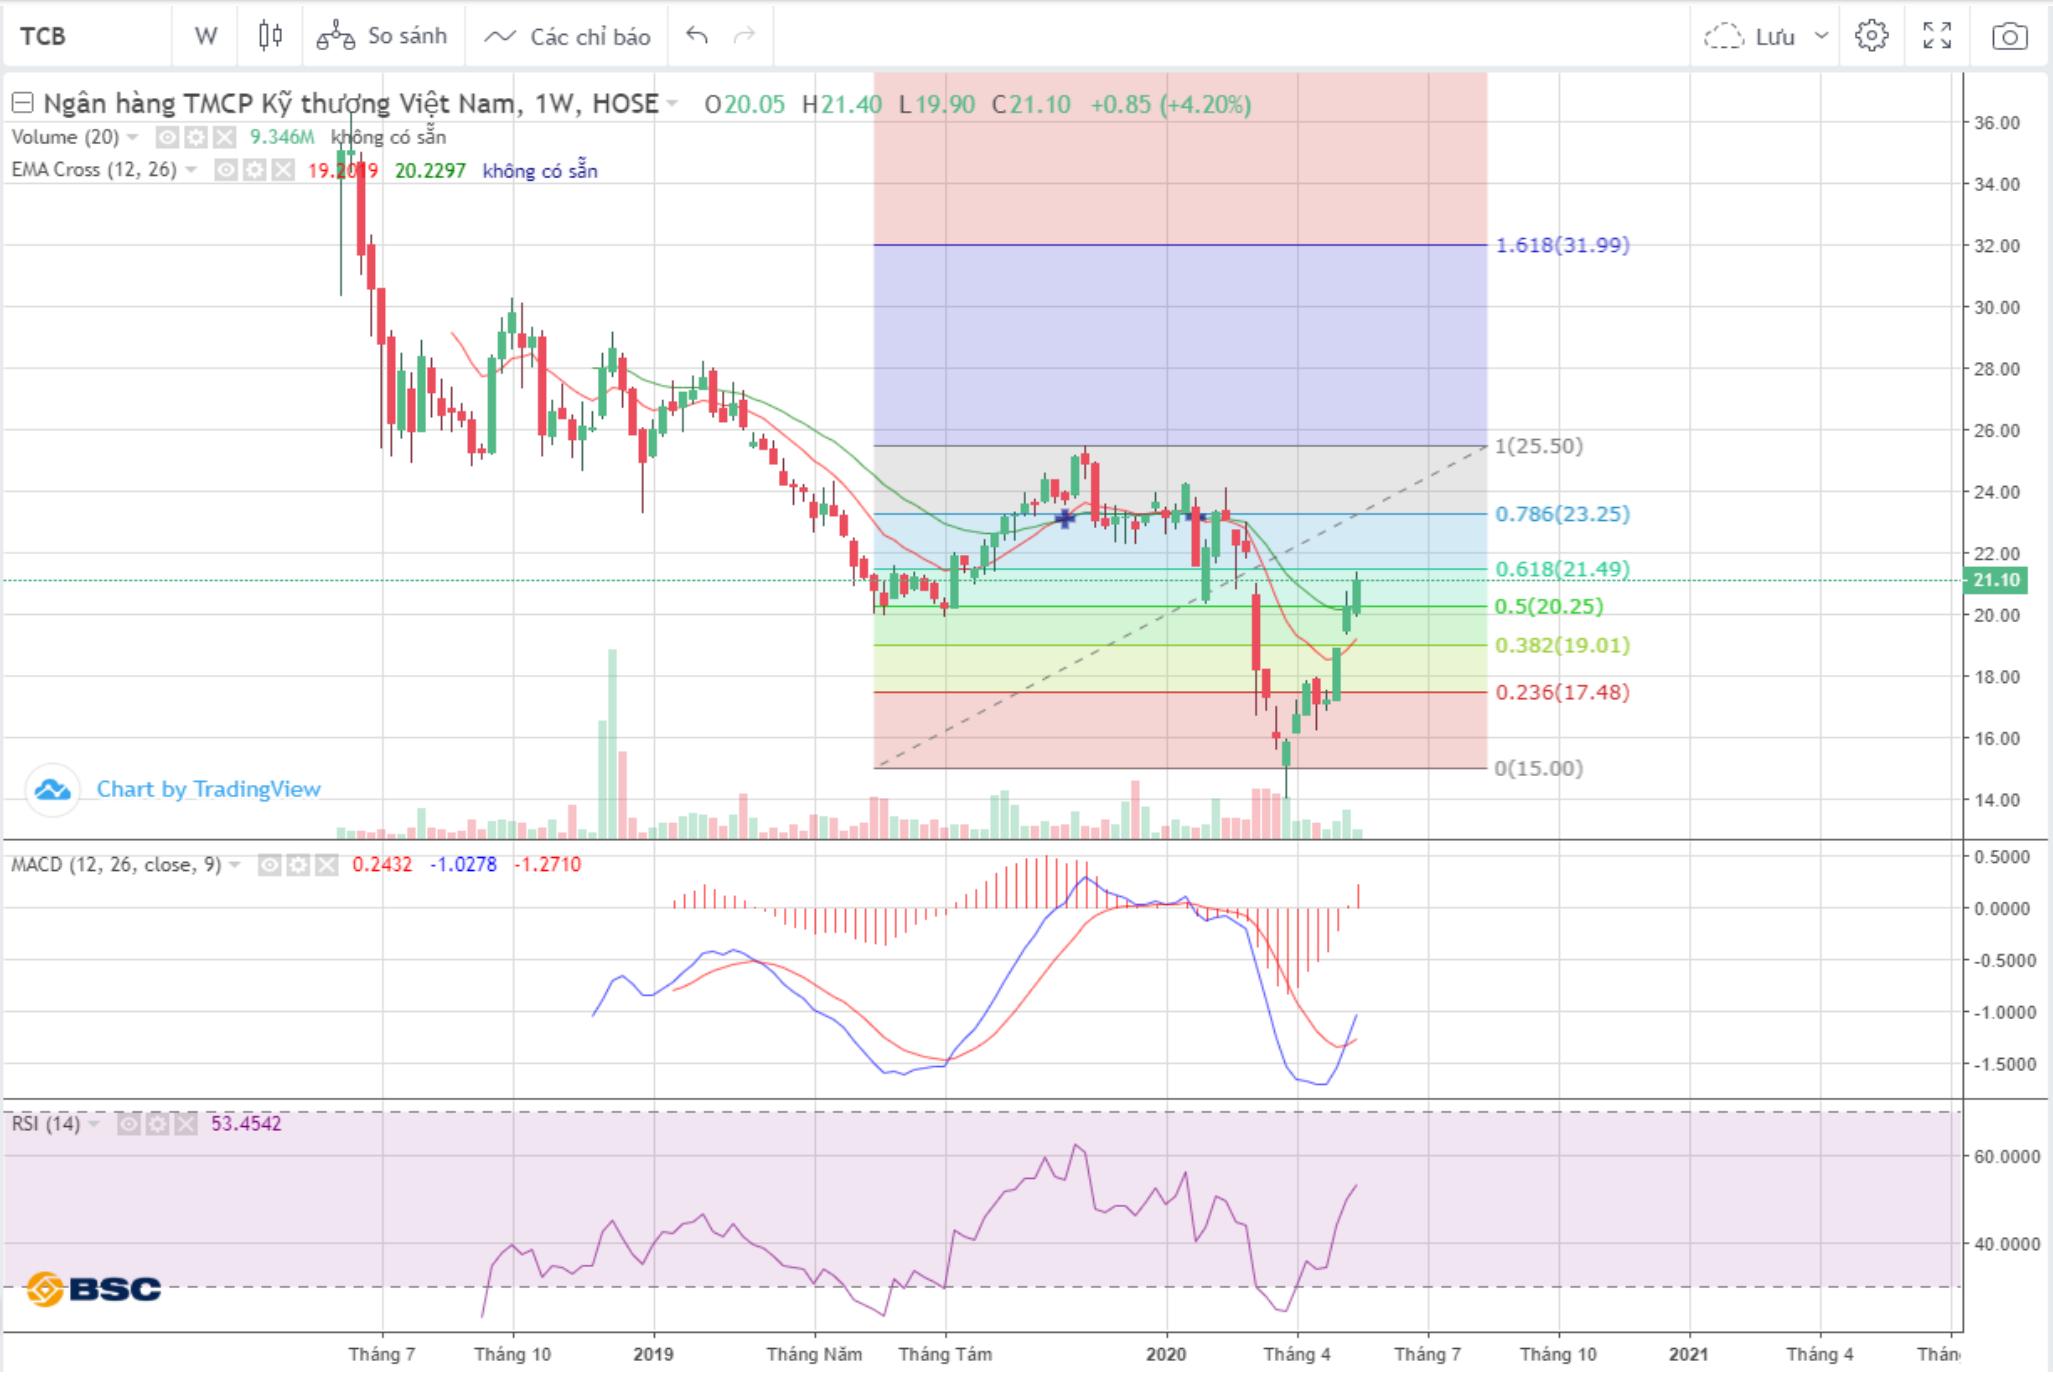 Cổ phiếu tâm điểm ngày 21/5: TCB, HPG, MWG, DXG, PET - Ảnh 1.